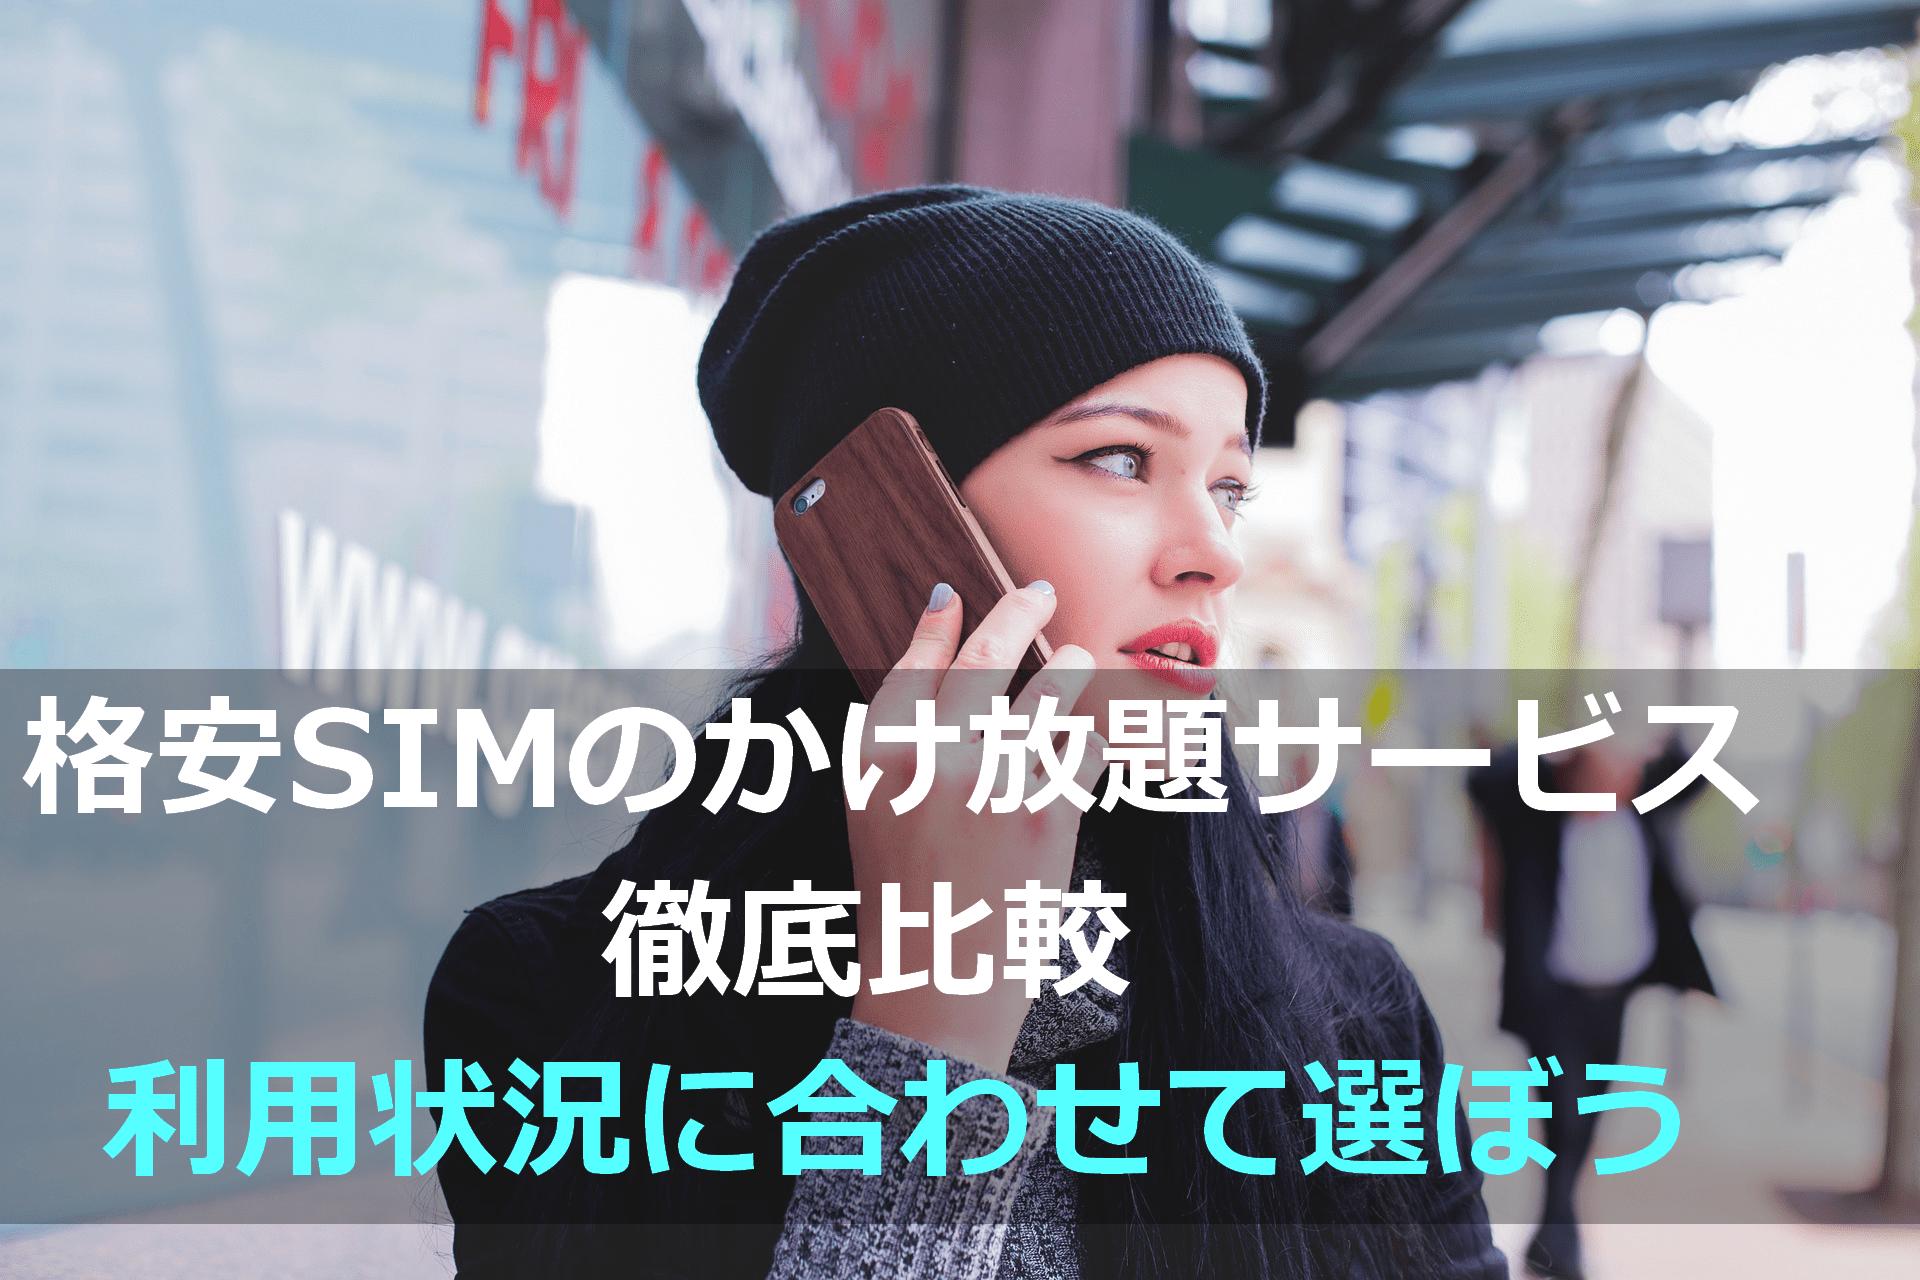 [2021年]格安SIMかけ放題を徹底比較!完全無制限・10分かけ放題のおすすめはここ